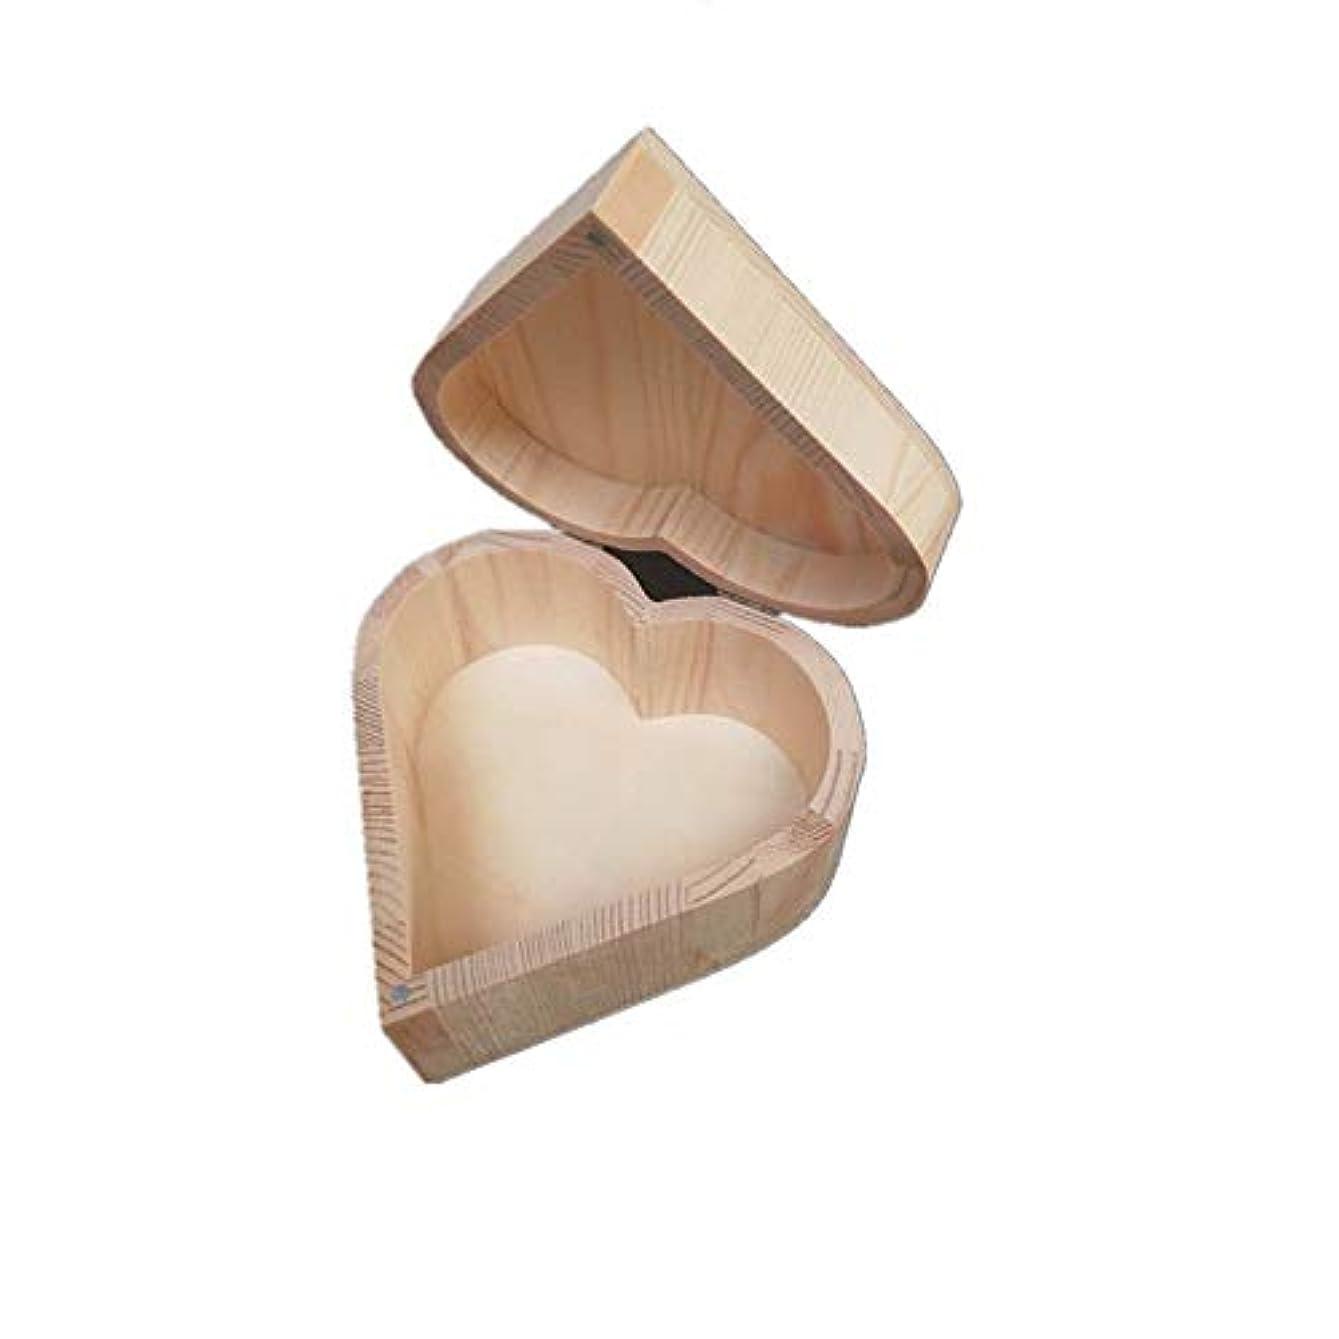 美人嵐の不平を言うエッセンシャルオイルの保管 手作りハート木製のエッセンシャルオイルボックスパーフェクトエッセンシャルオイルケース (色 : Natural, サイズ : 13X13X7CM)